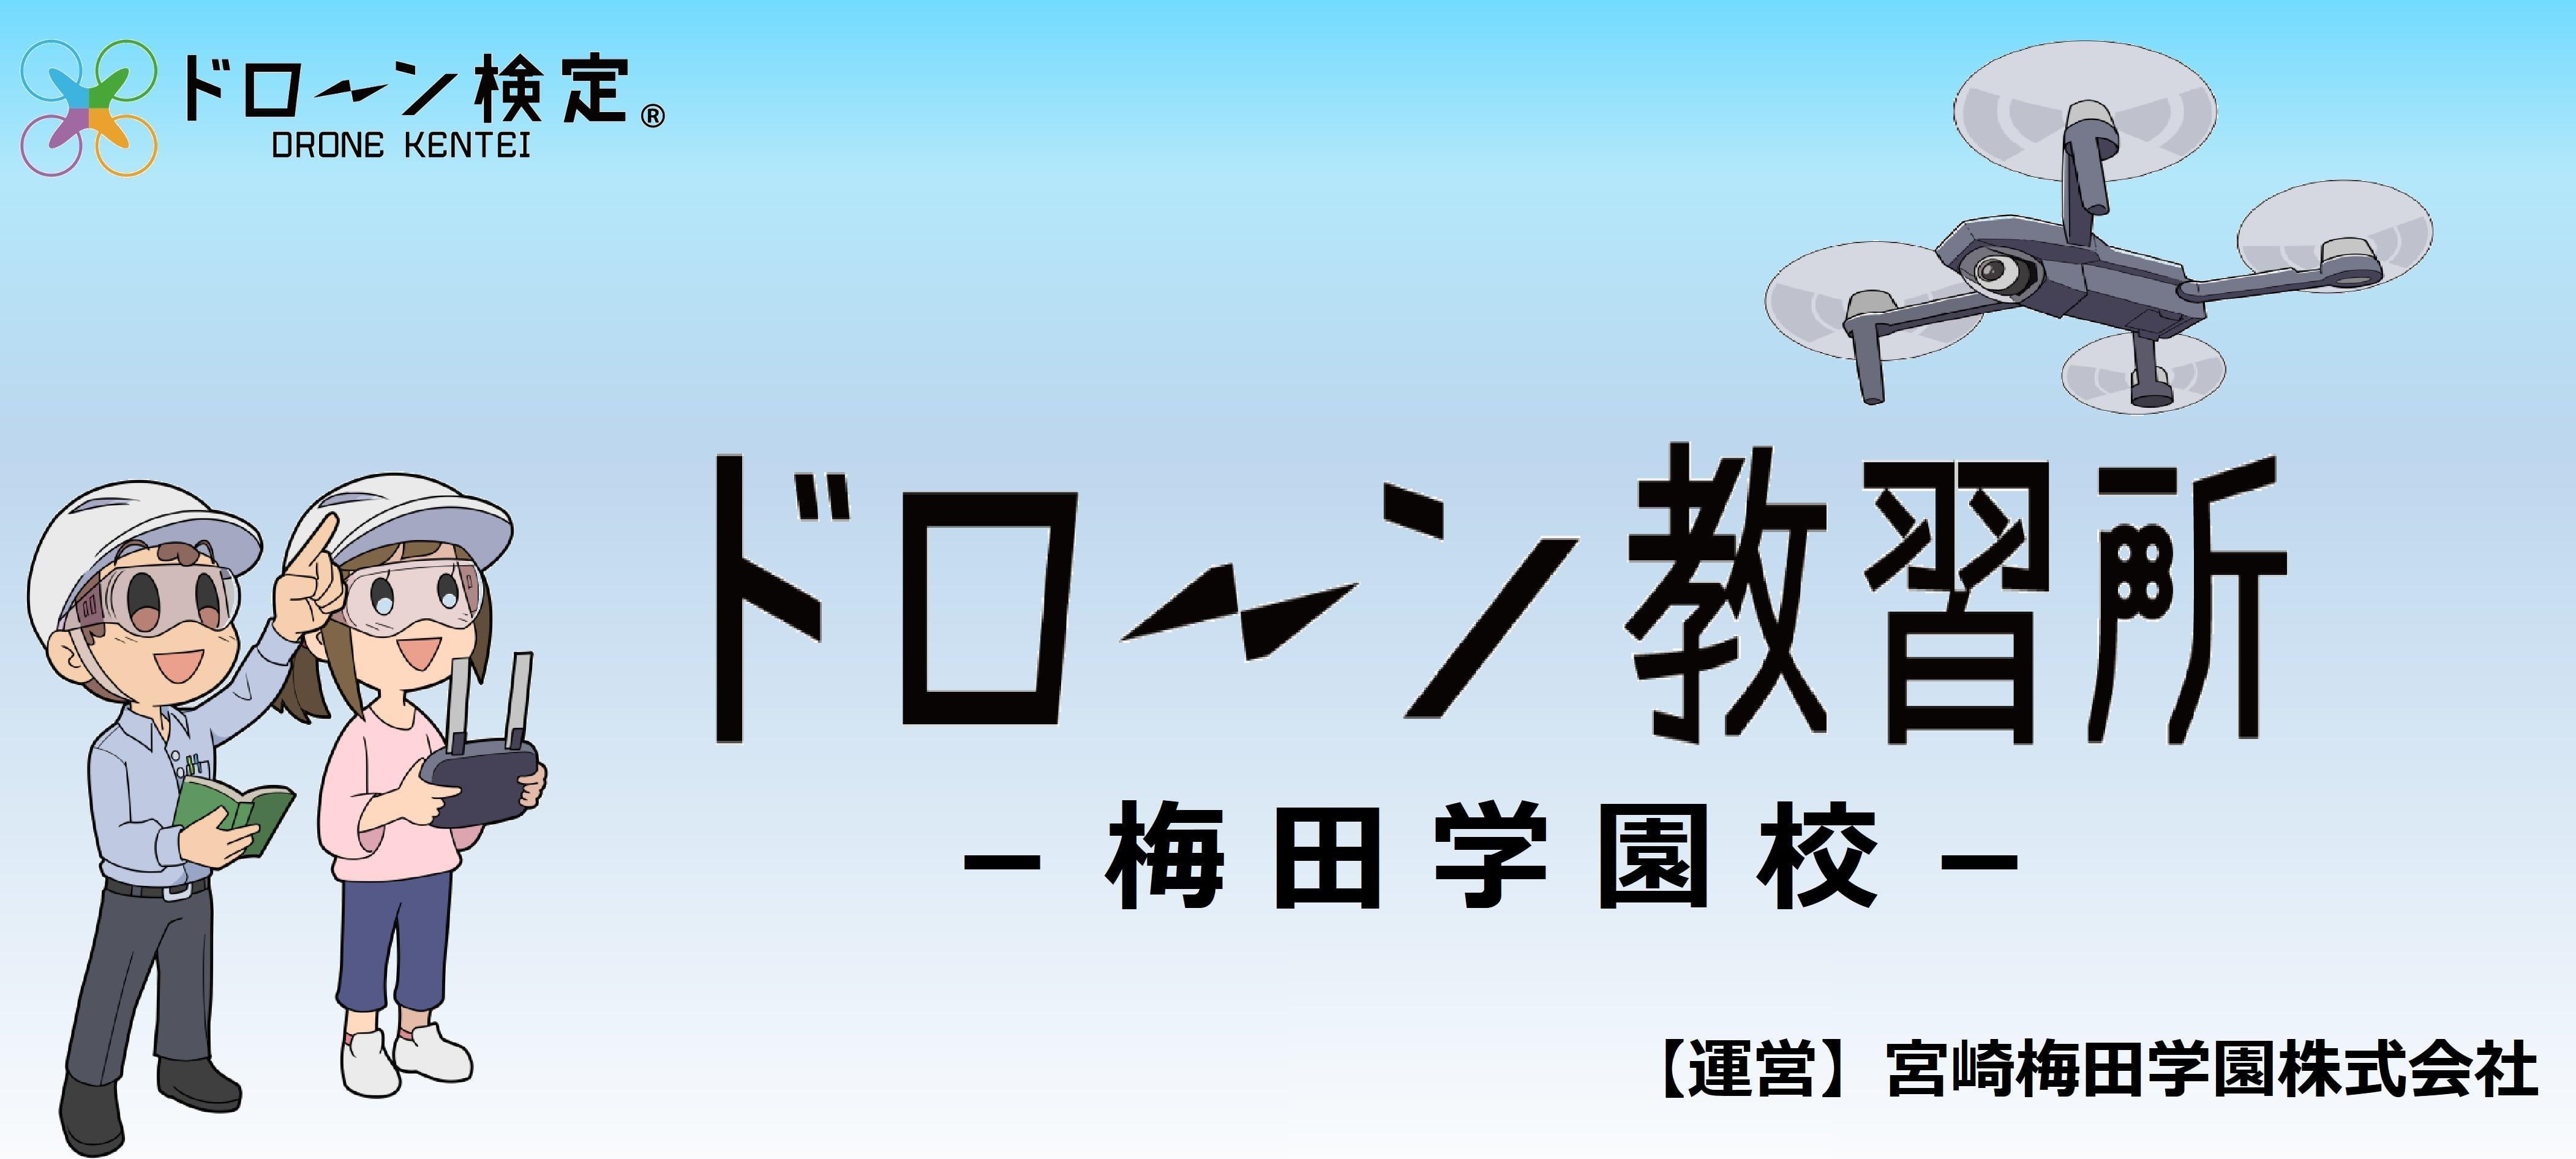 ドローン教習所梅田学園校メイン画像